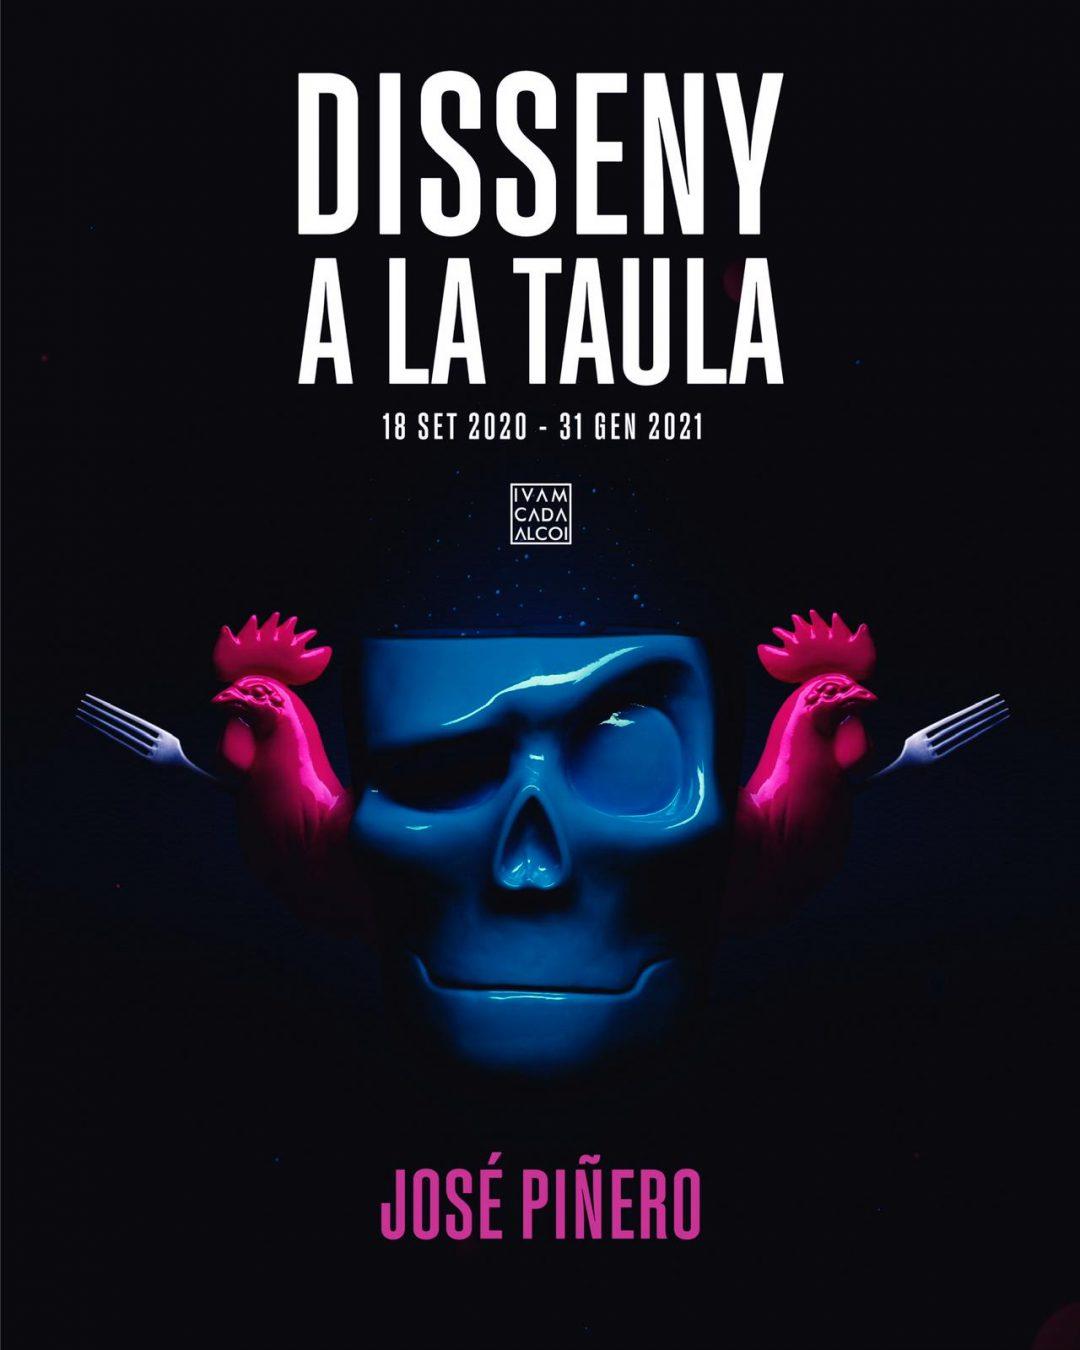 Exposición: Disseny a la taula, de José Piñero